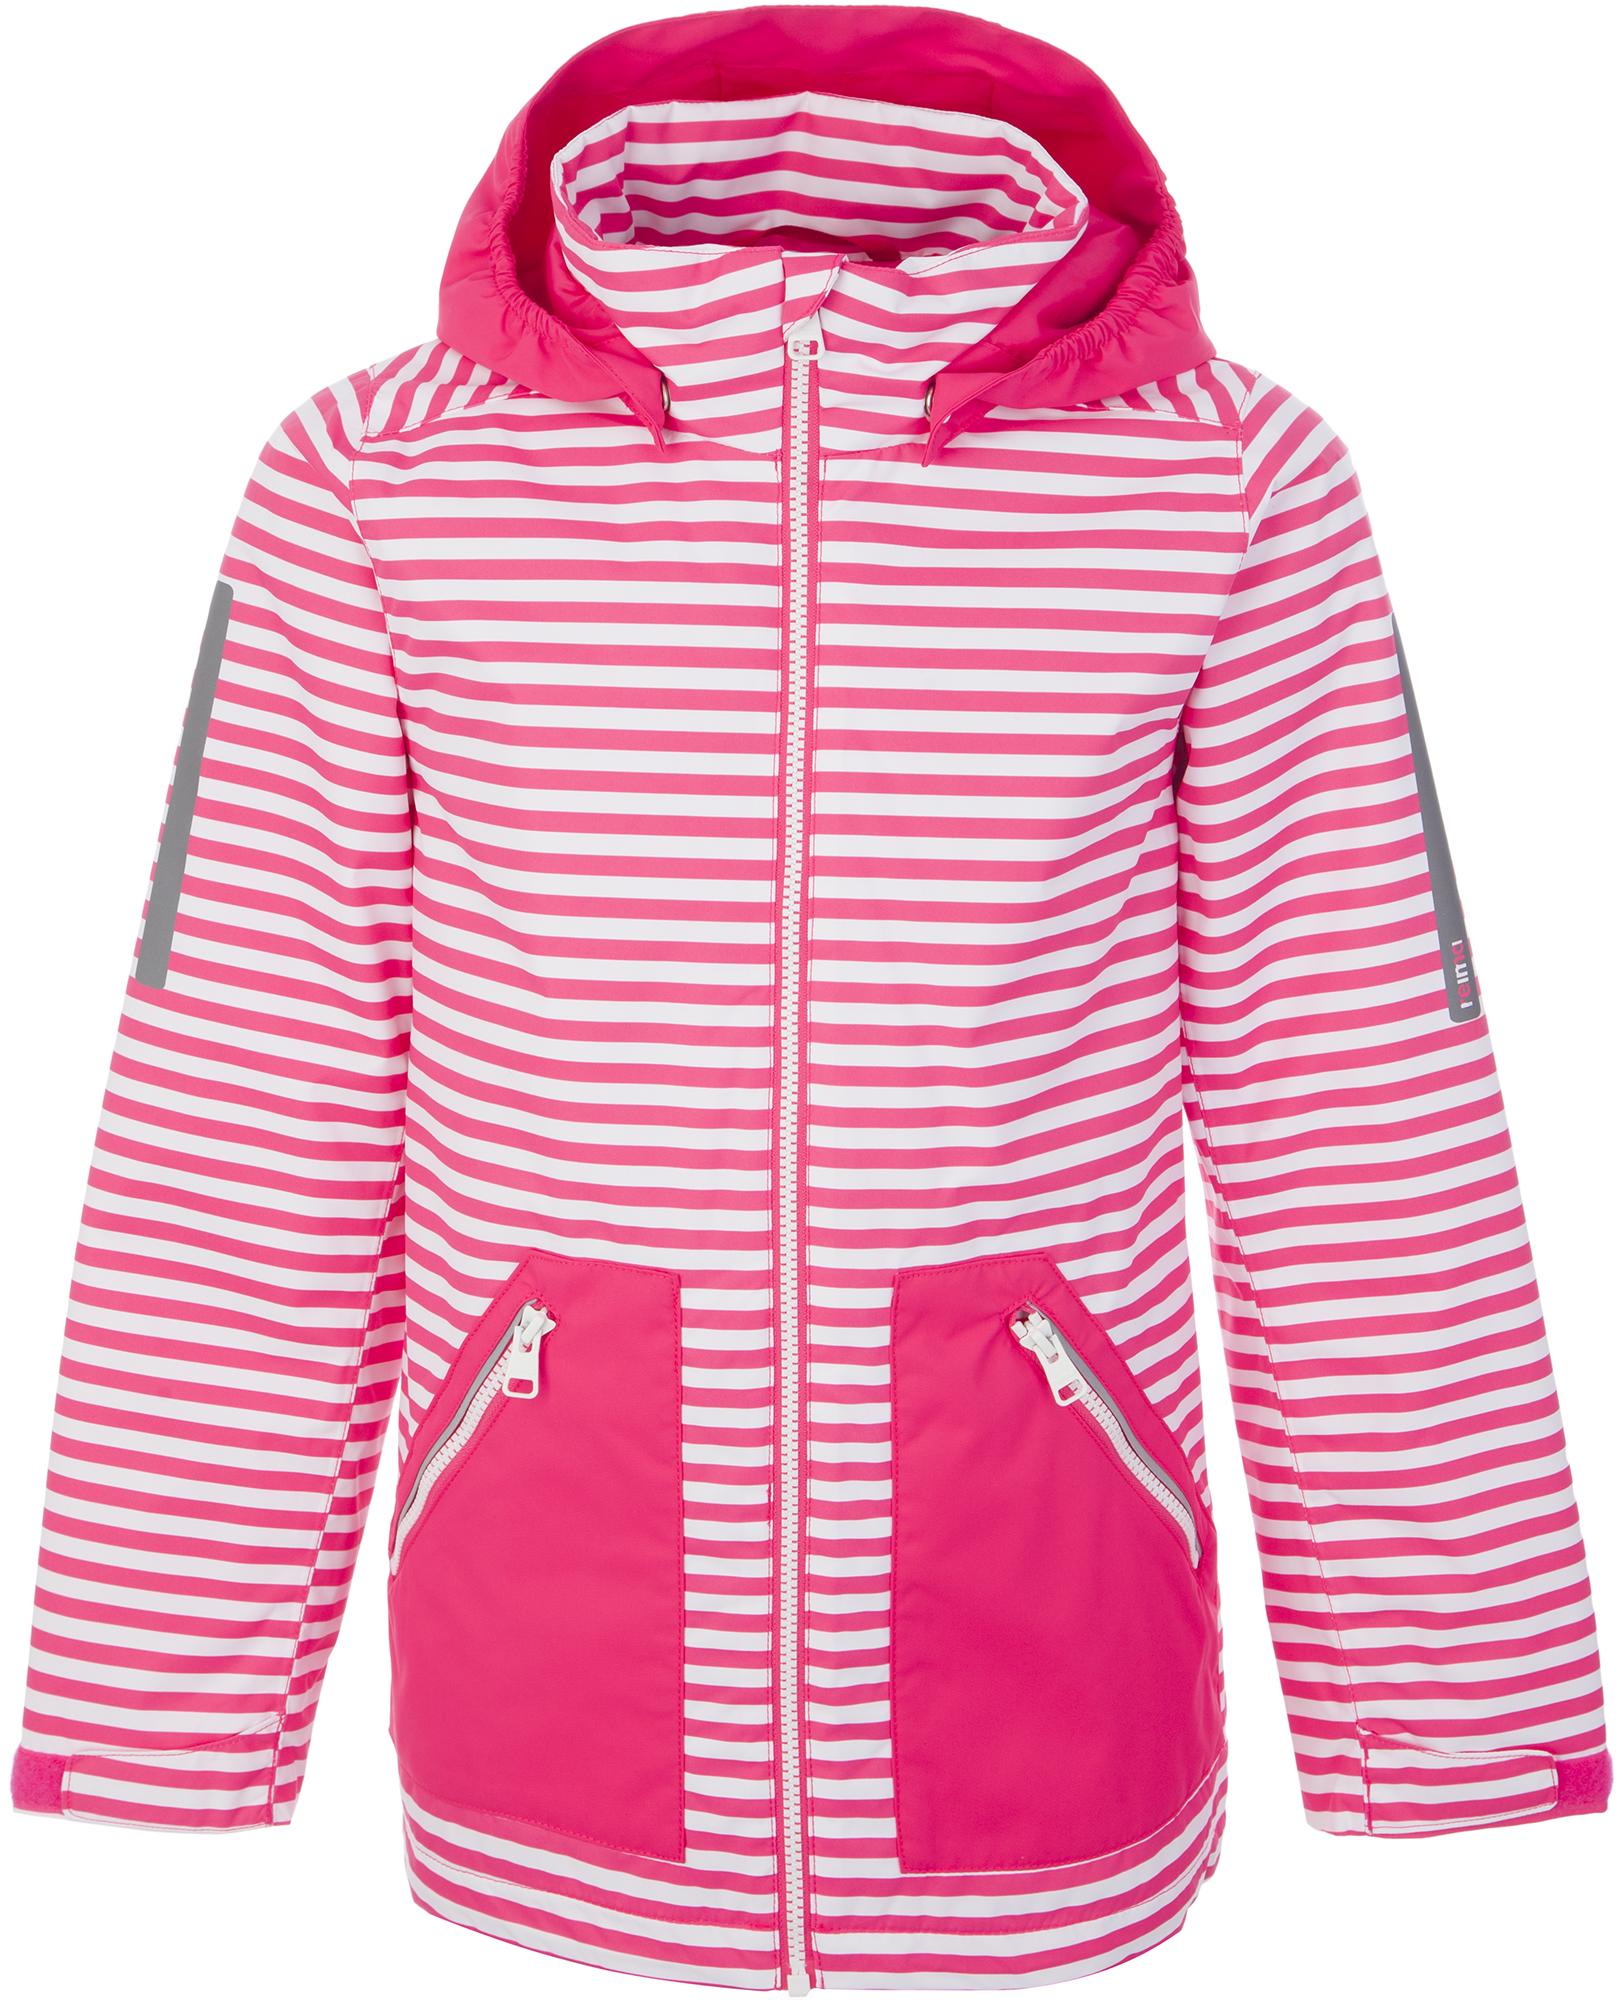 Reima Куртка утепленная для девочек Reima Minttu, размер 146